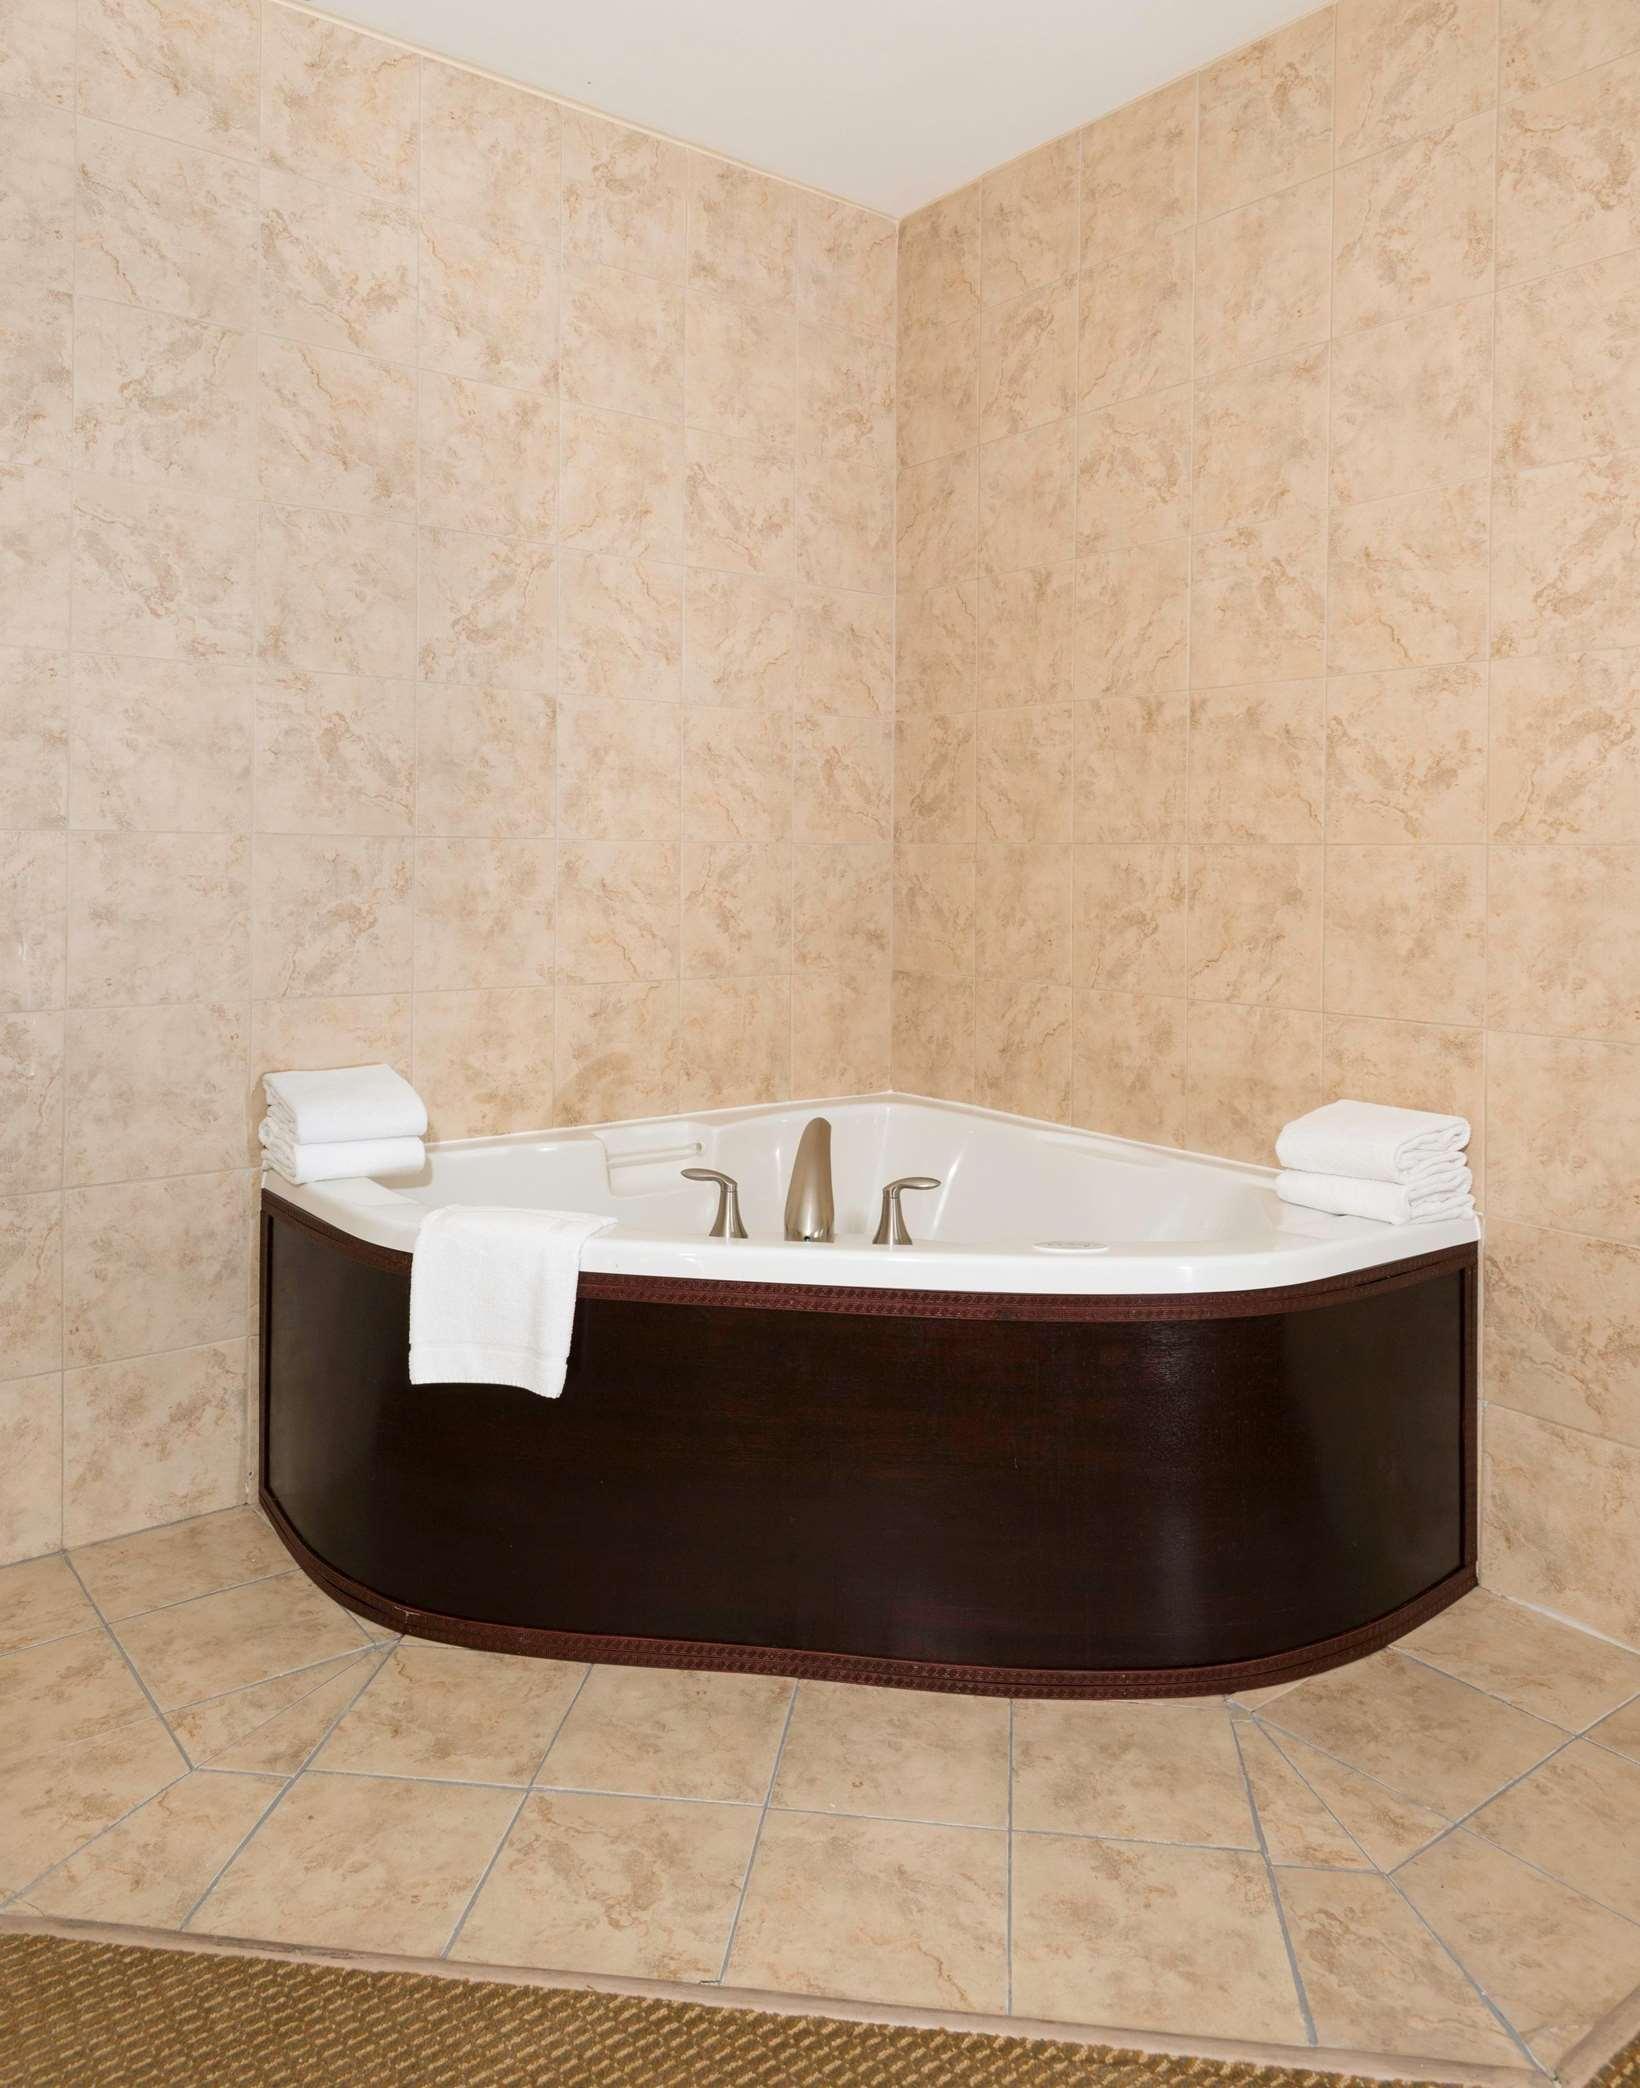 Whirlpool Tub in Suite